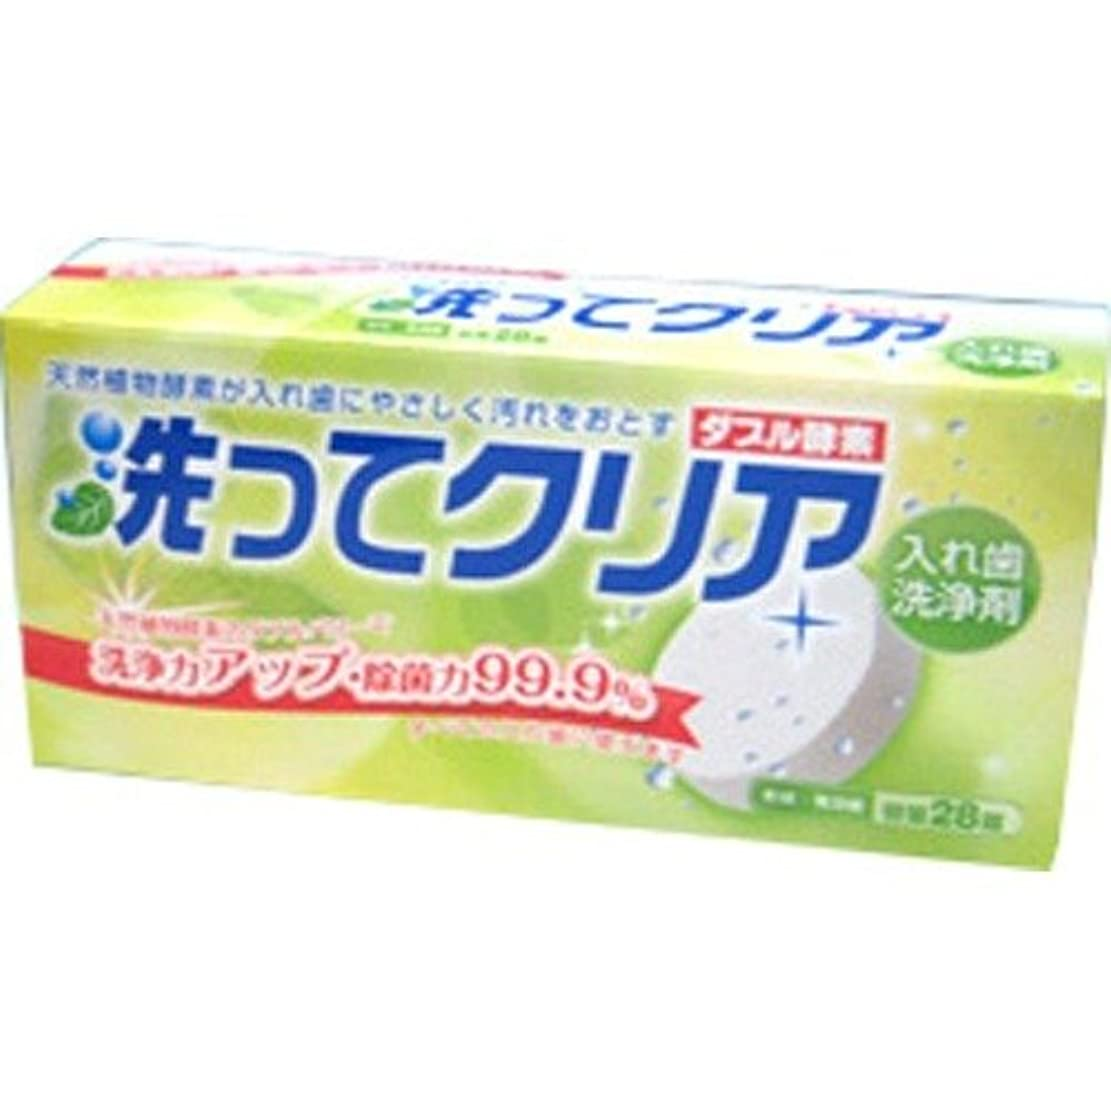 インストラクター計算自己尊重東伸洋行株式会社 洗ってクリア ダブル酵素 28錠 入れ歯洗浄剤